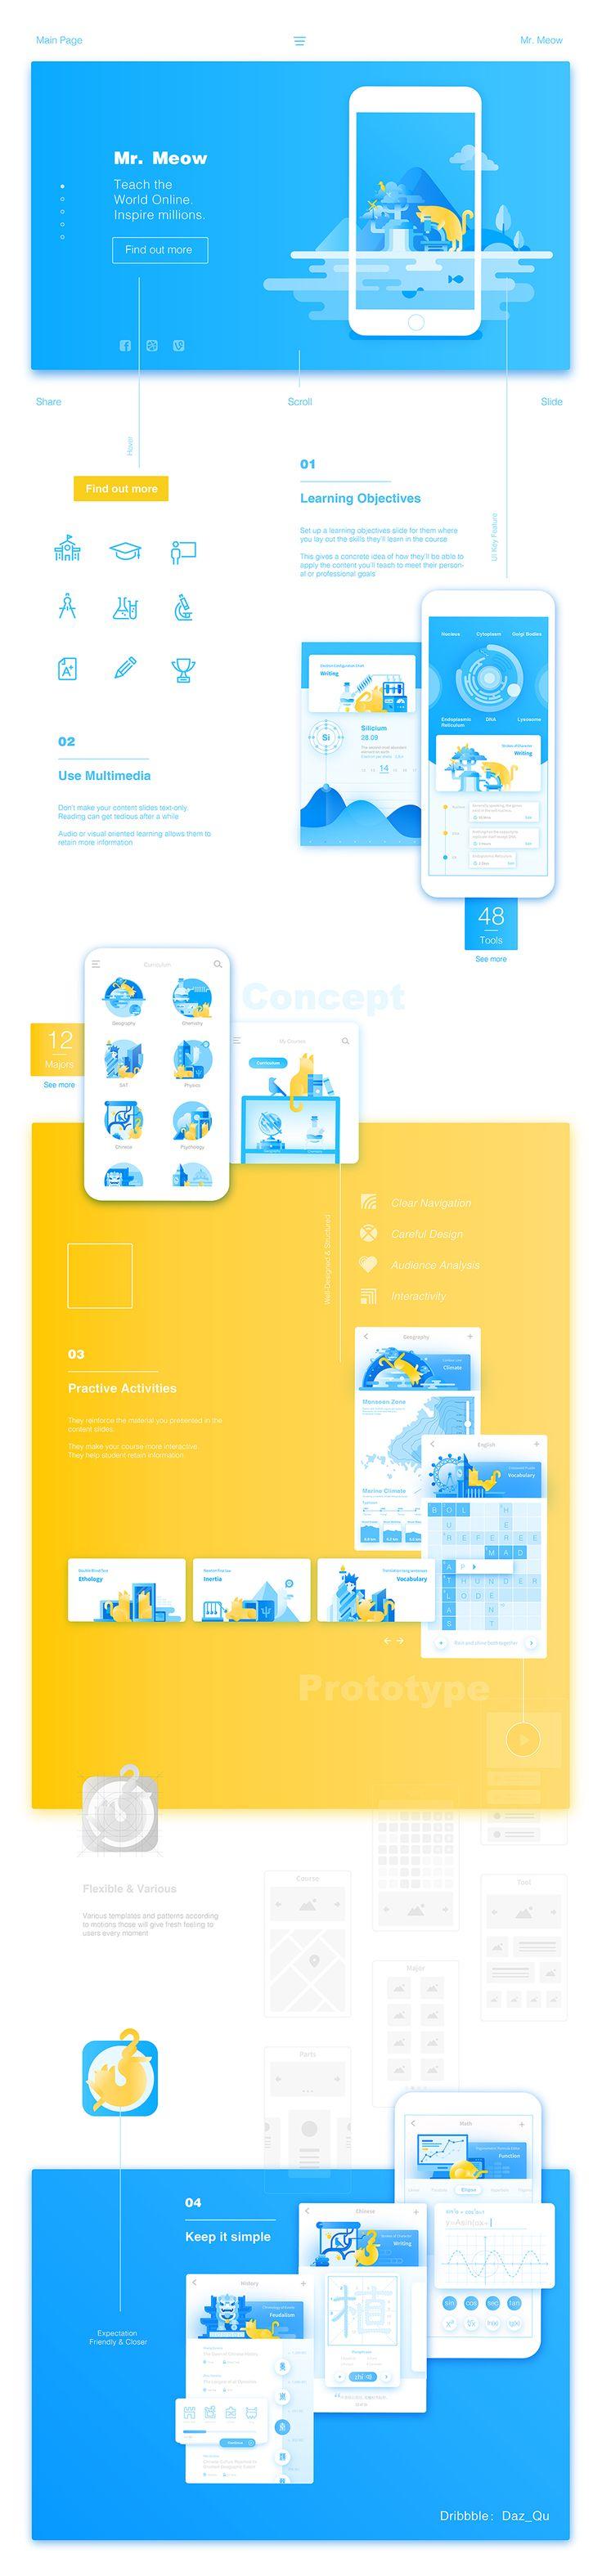 Mr.Meow Website Design